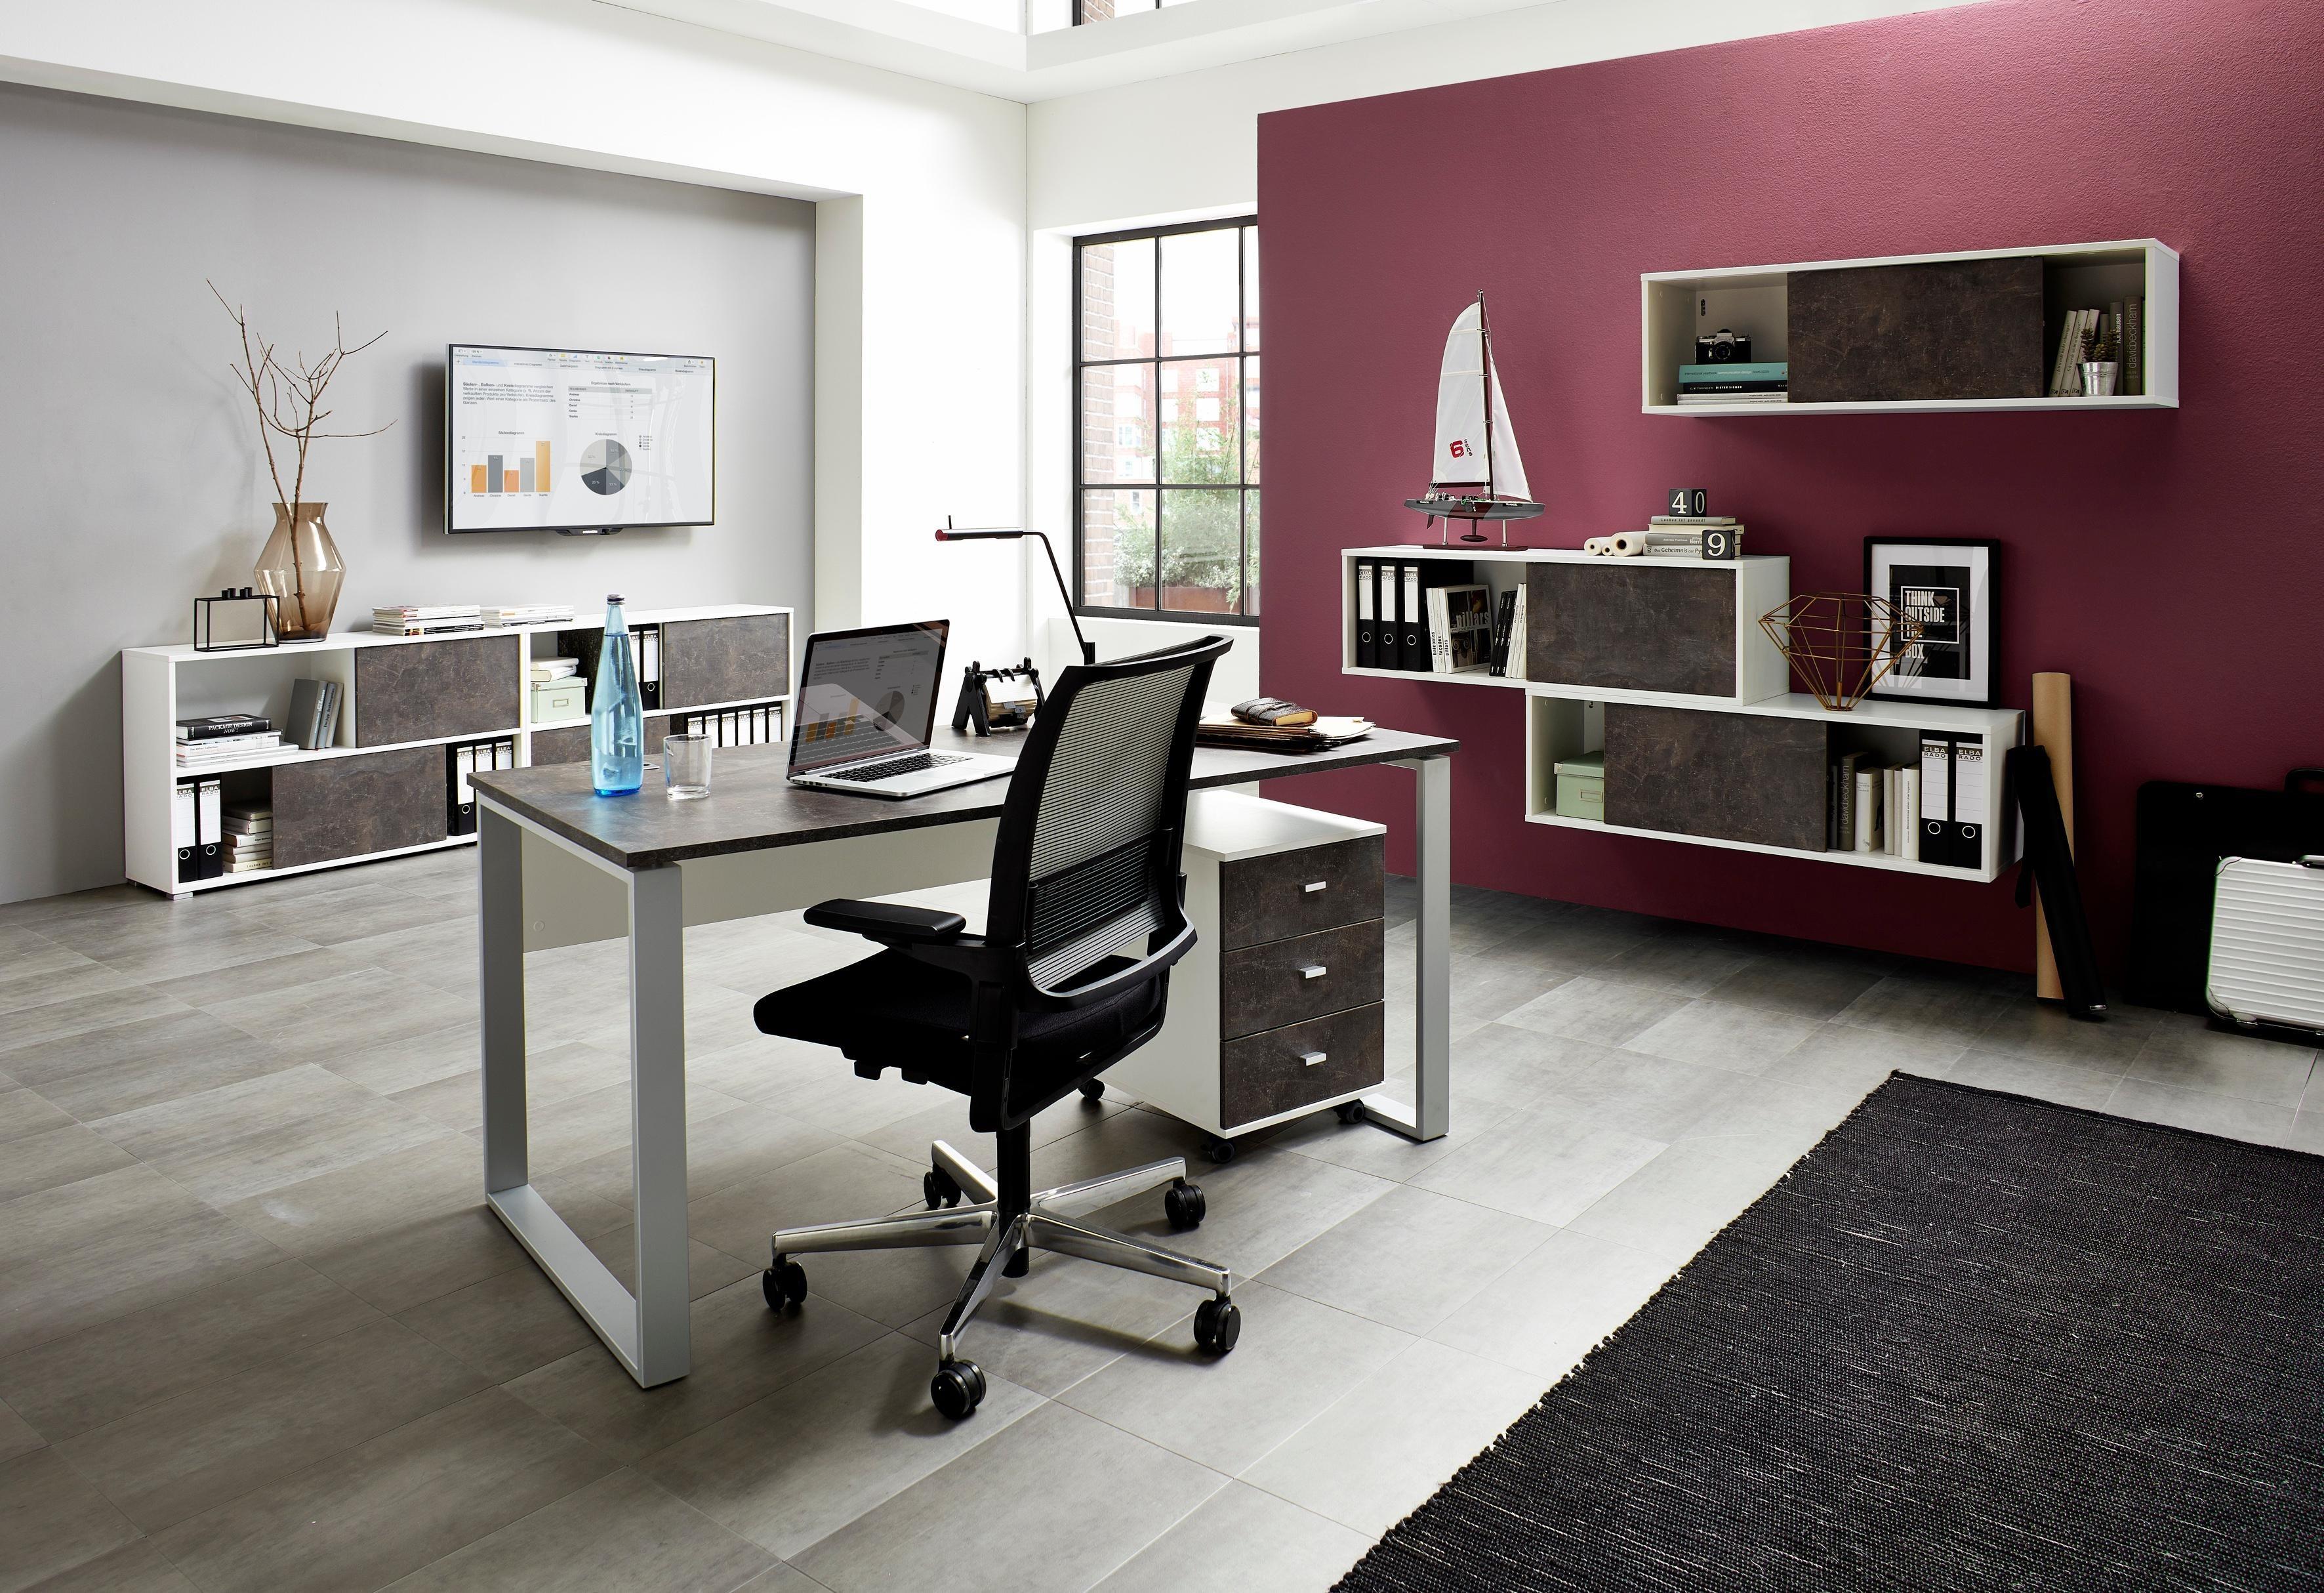 Büromöbel-Serien online kaufen   Möbel-Suchmaschine   ladendirekt.de